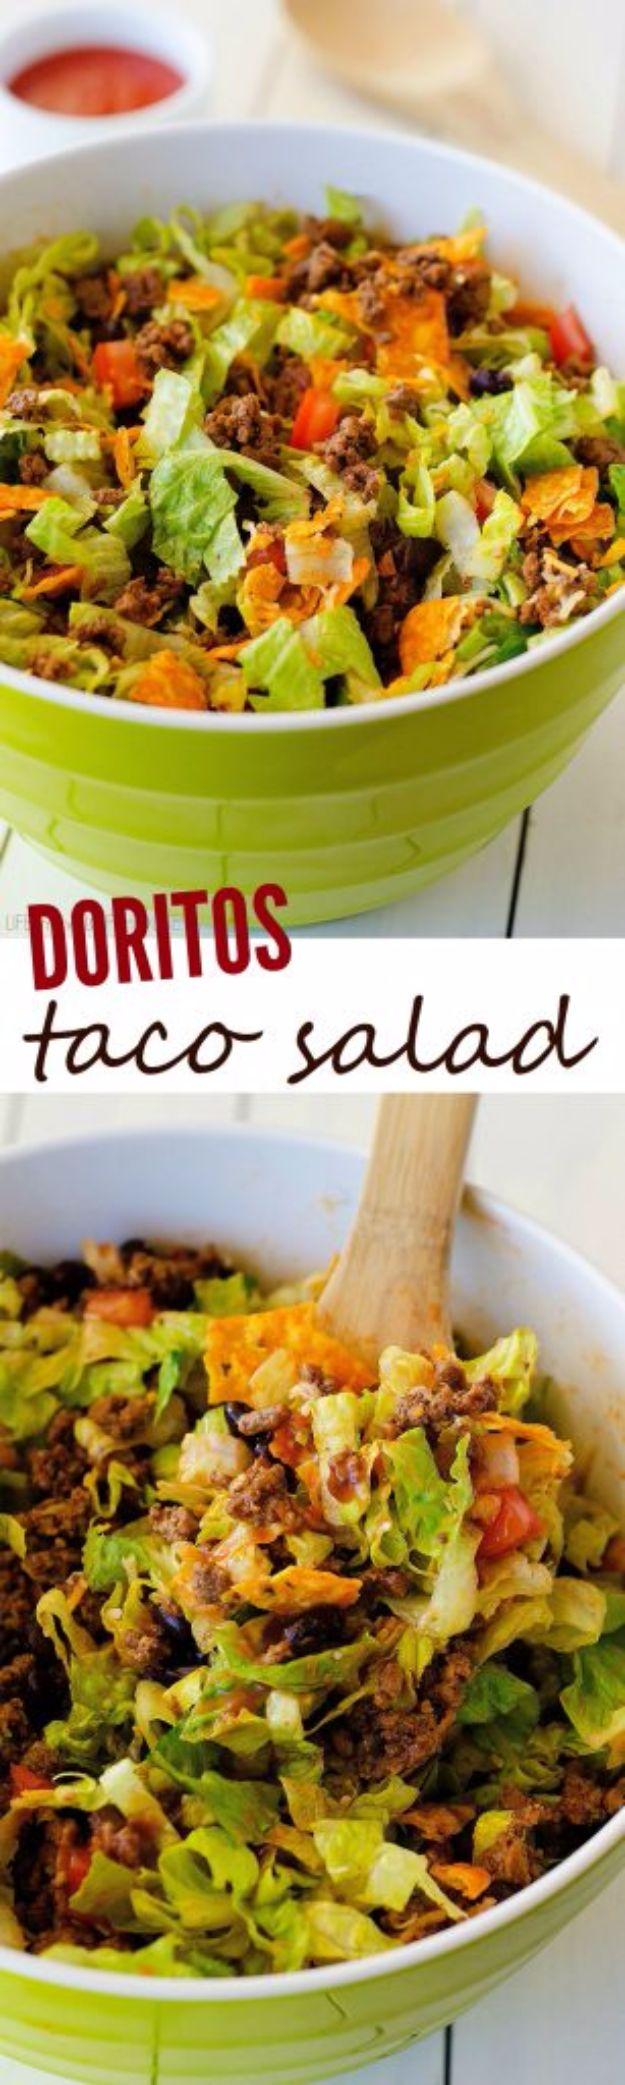 DIY Recipes Made With Doritos - Doritos Taco Salad - Best Dorito Recipes for Casserole, Taco Salad, Chicken Dinners, Beef Casseroles, Nachos, Easy Cool Ranch Meals and Ideas for Dips, Snacks and Kids Recipe Tutorials - Quick Lunch Ideas and Recipes for Parties http://diyjoy.com/recipe-ideas-doritos